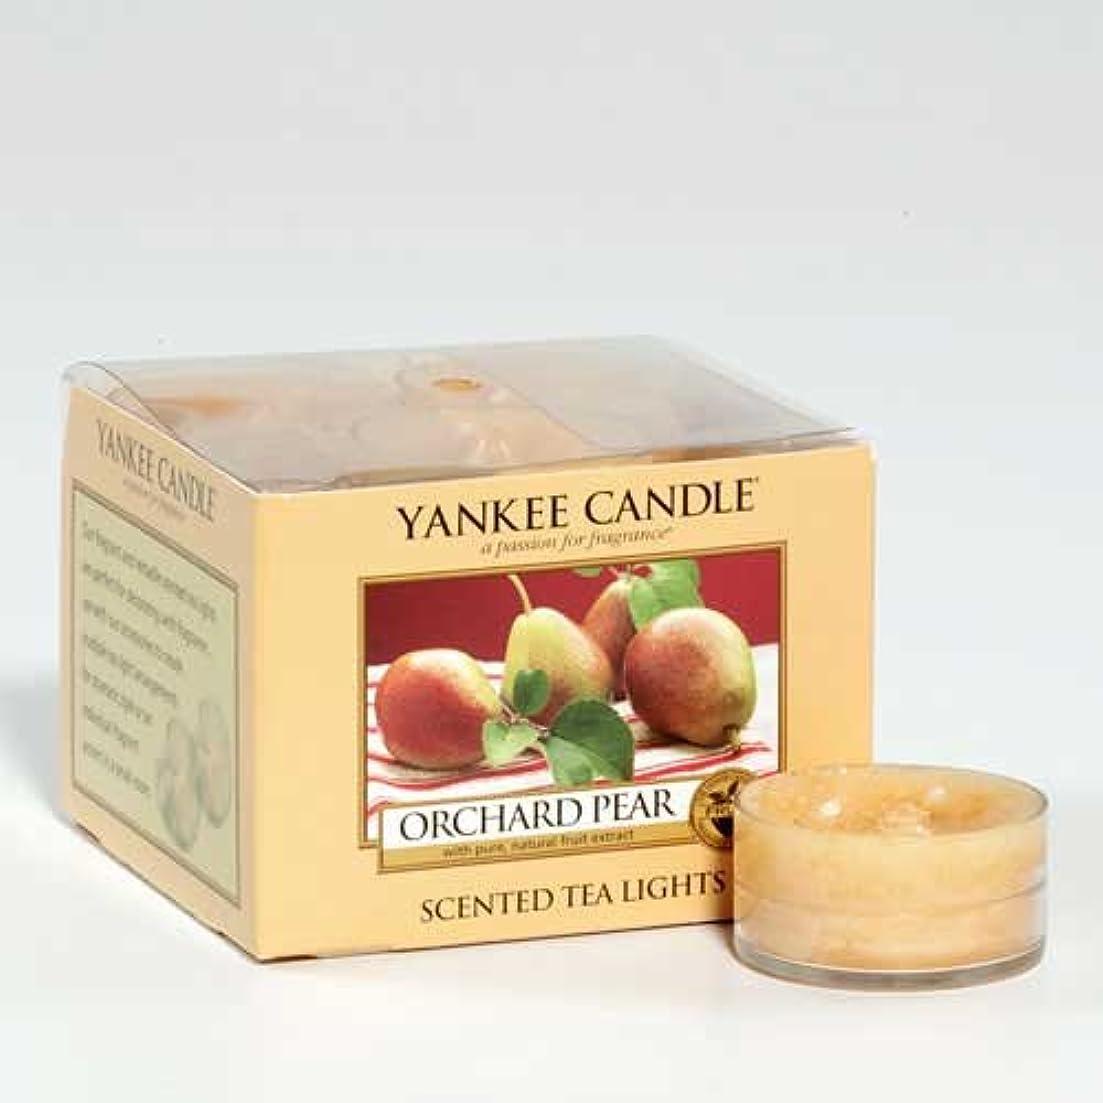 ドラムクスコ植生Yankee Candle 12香りつきTealights – Orchard Pear